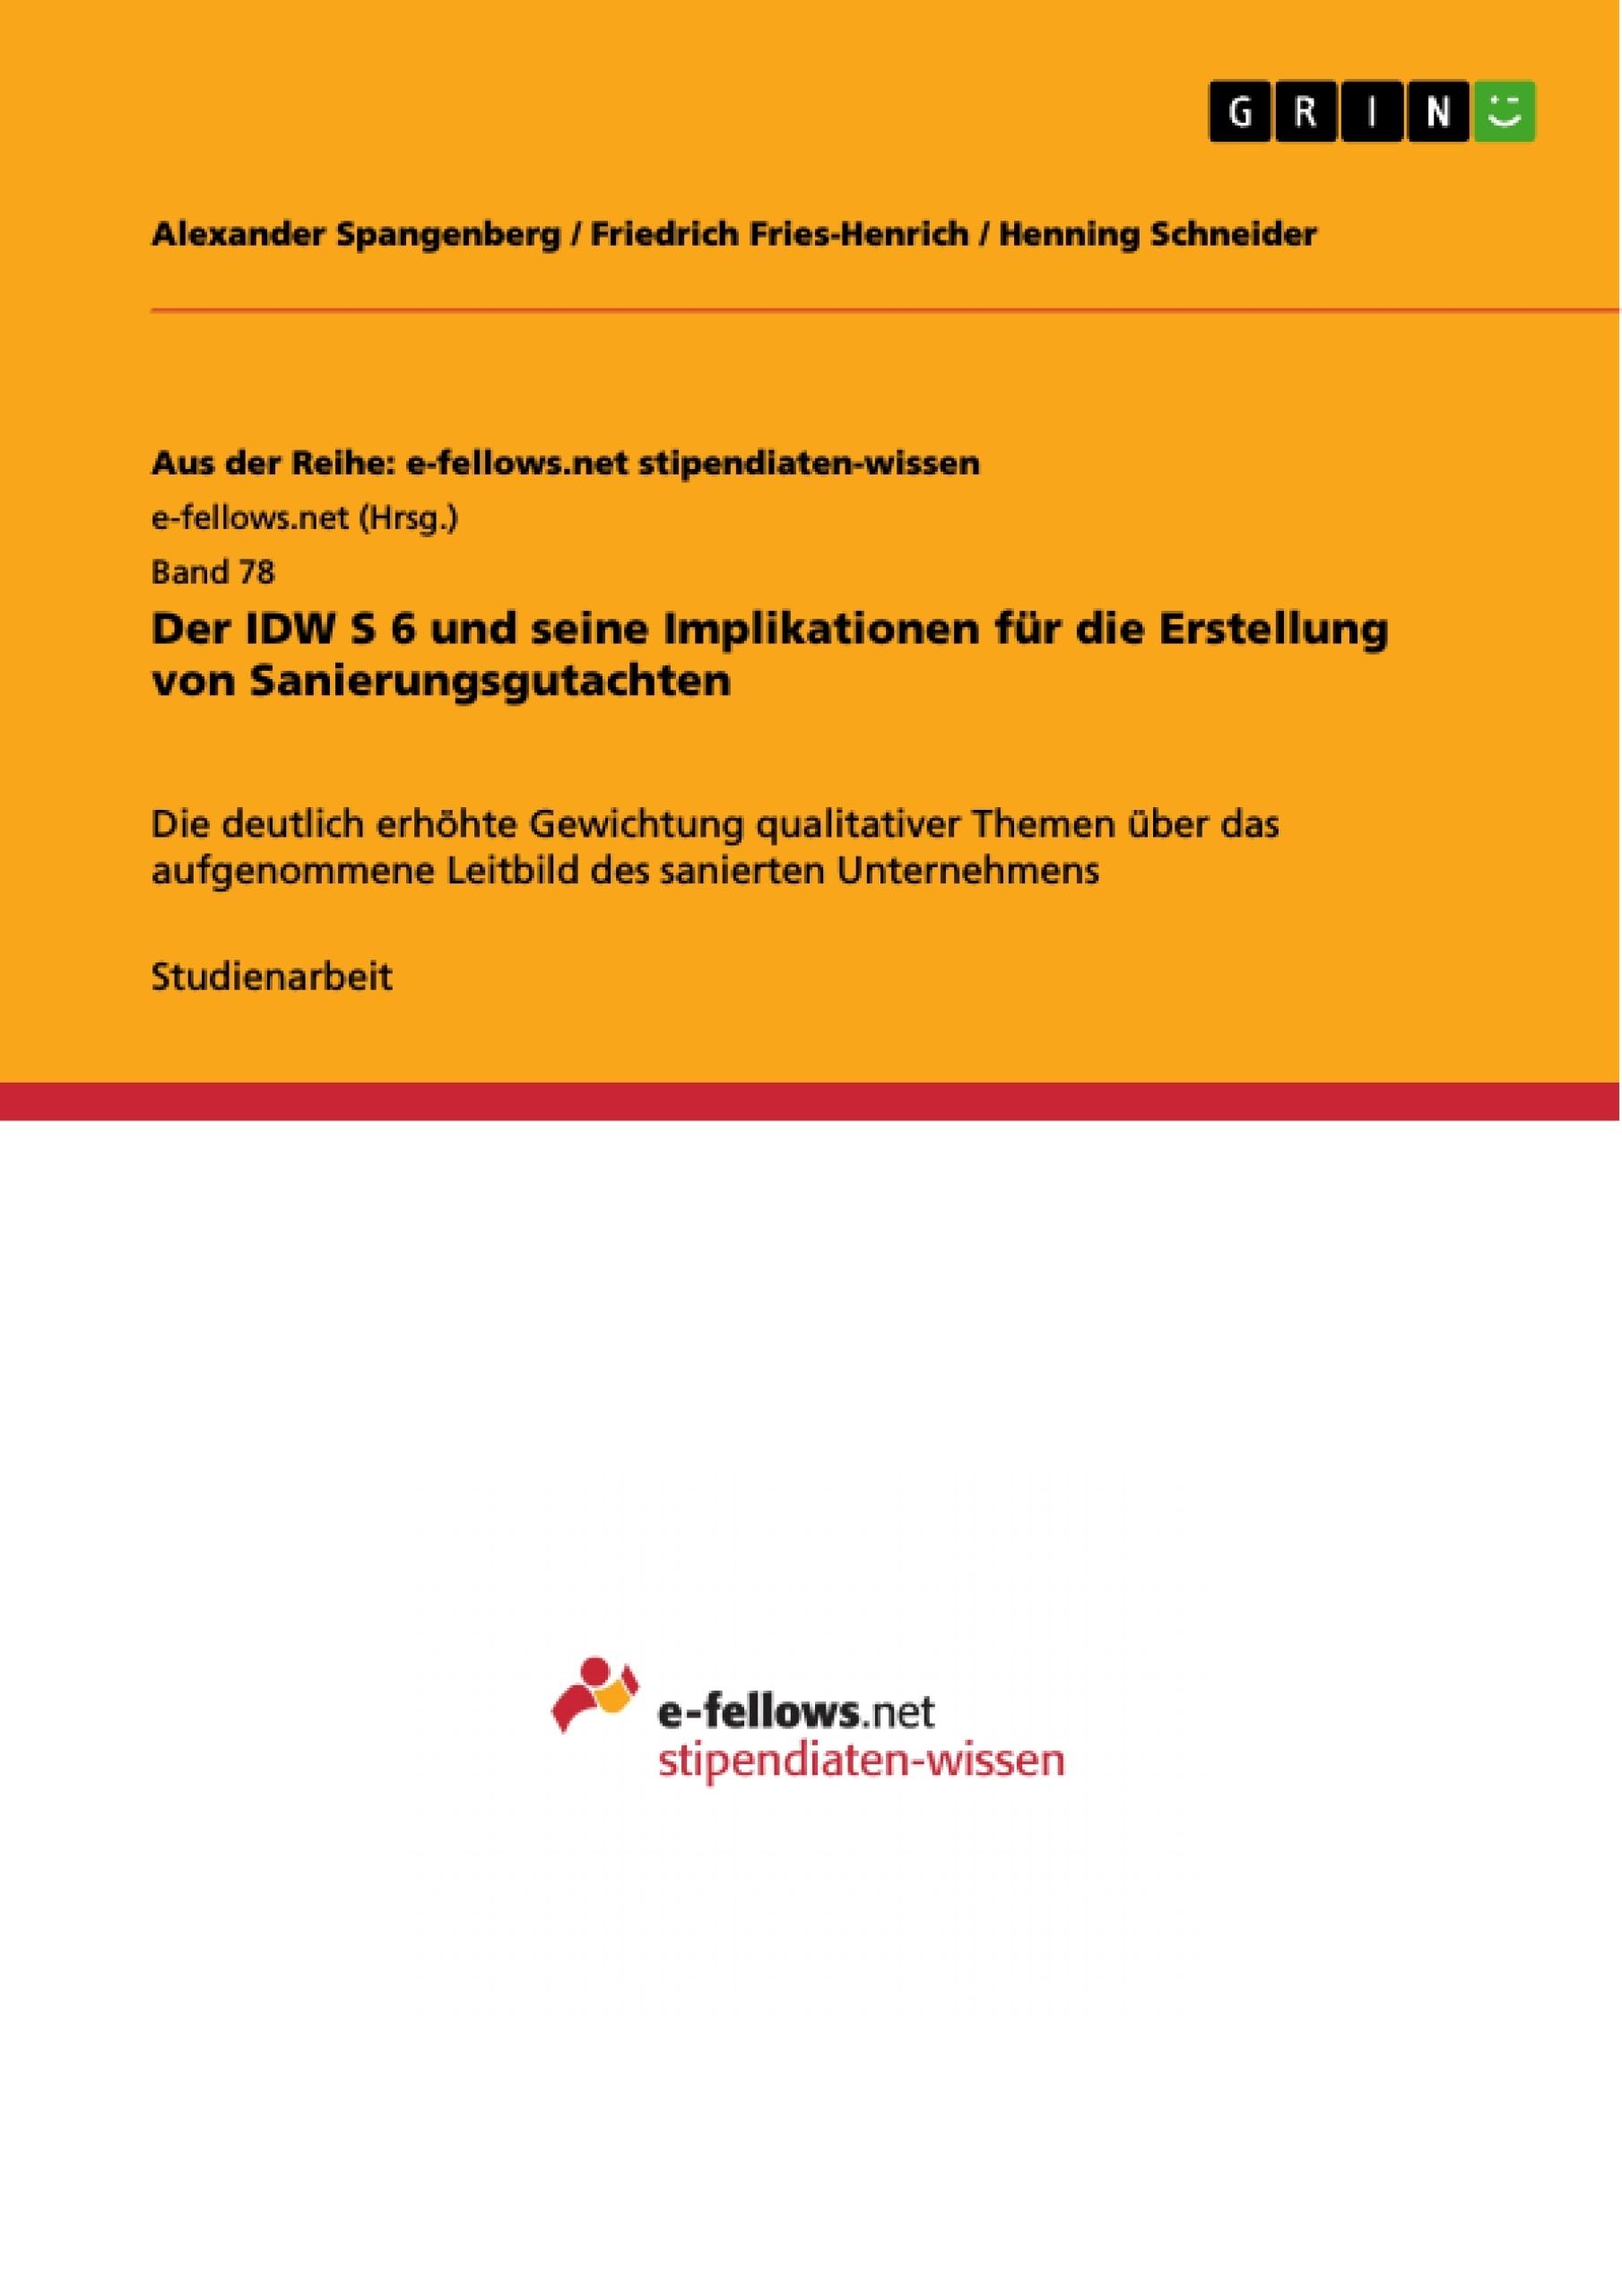 Titel: Der IDW S 6 und seine Implikationen für die Erstellung von Sanierungsgutachten